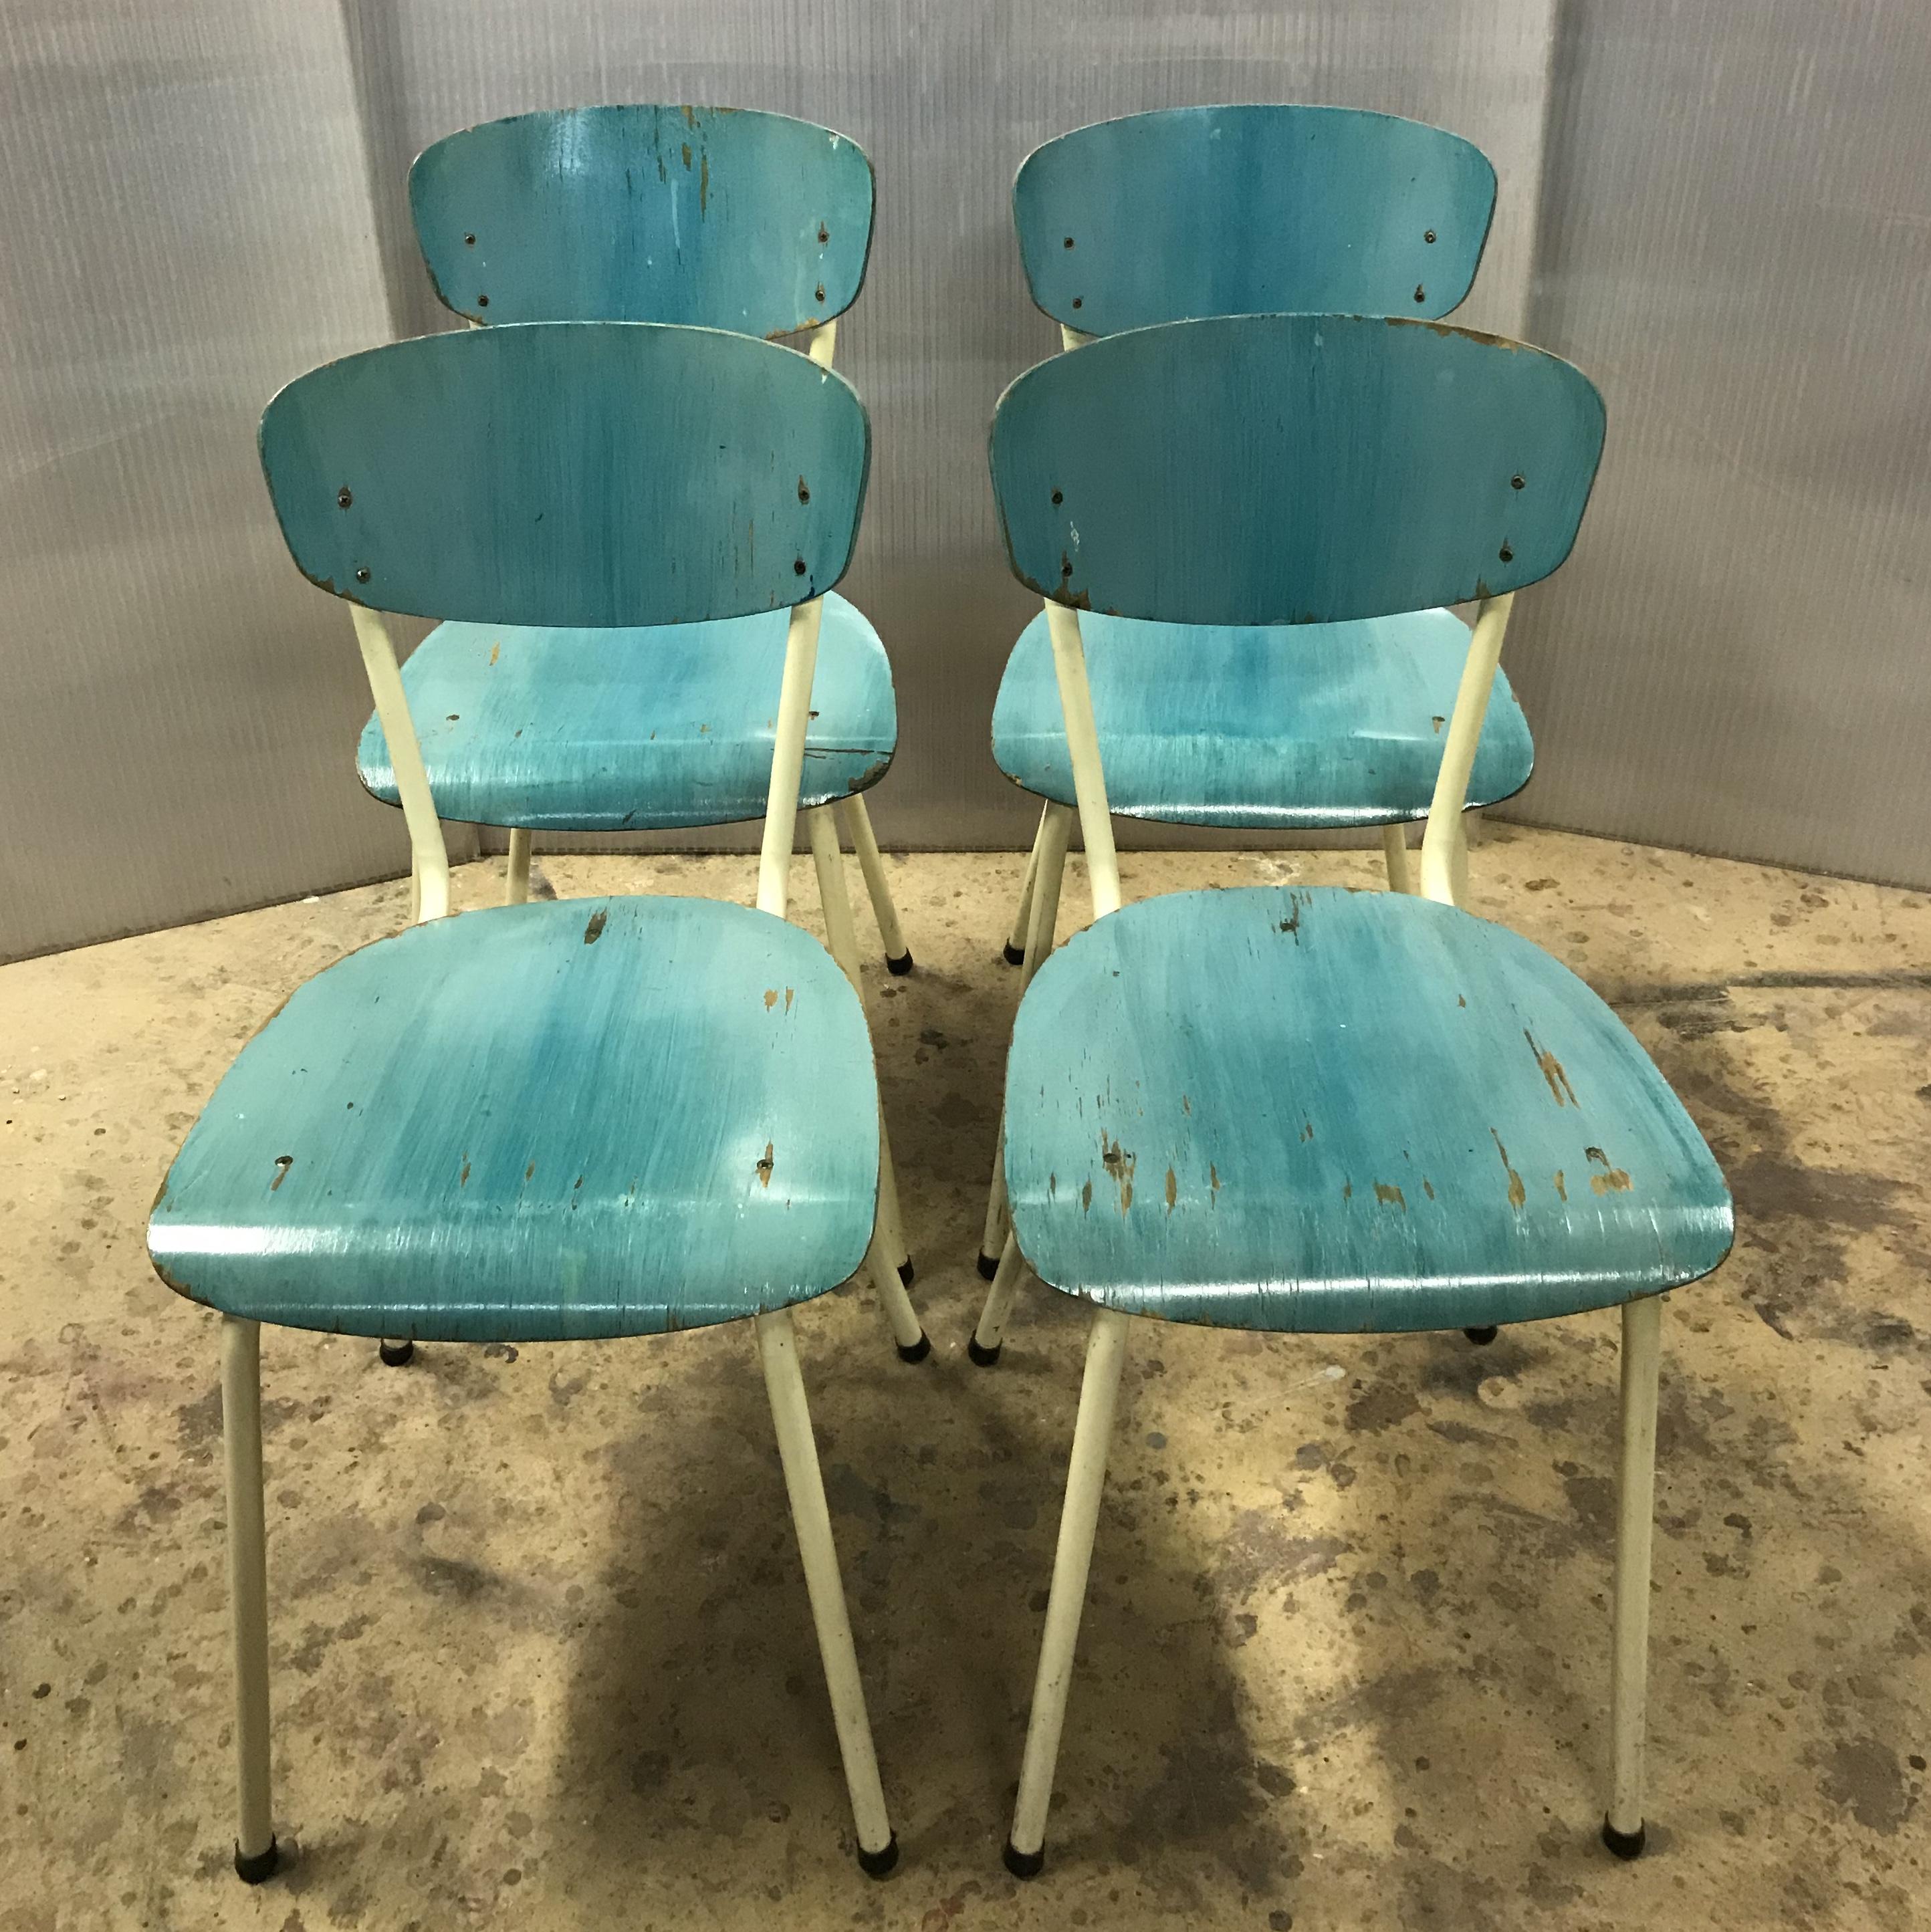 Chaises Vintage Ancienne Metal Bois Turquoise Formica Mobilier Industriel Meuble D Usine Chaise Tolix